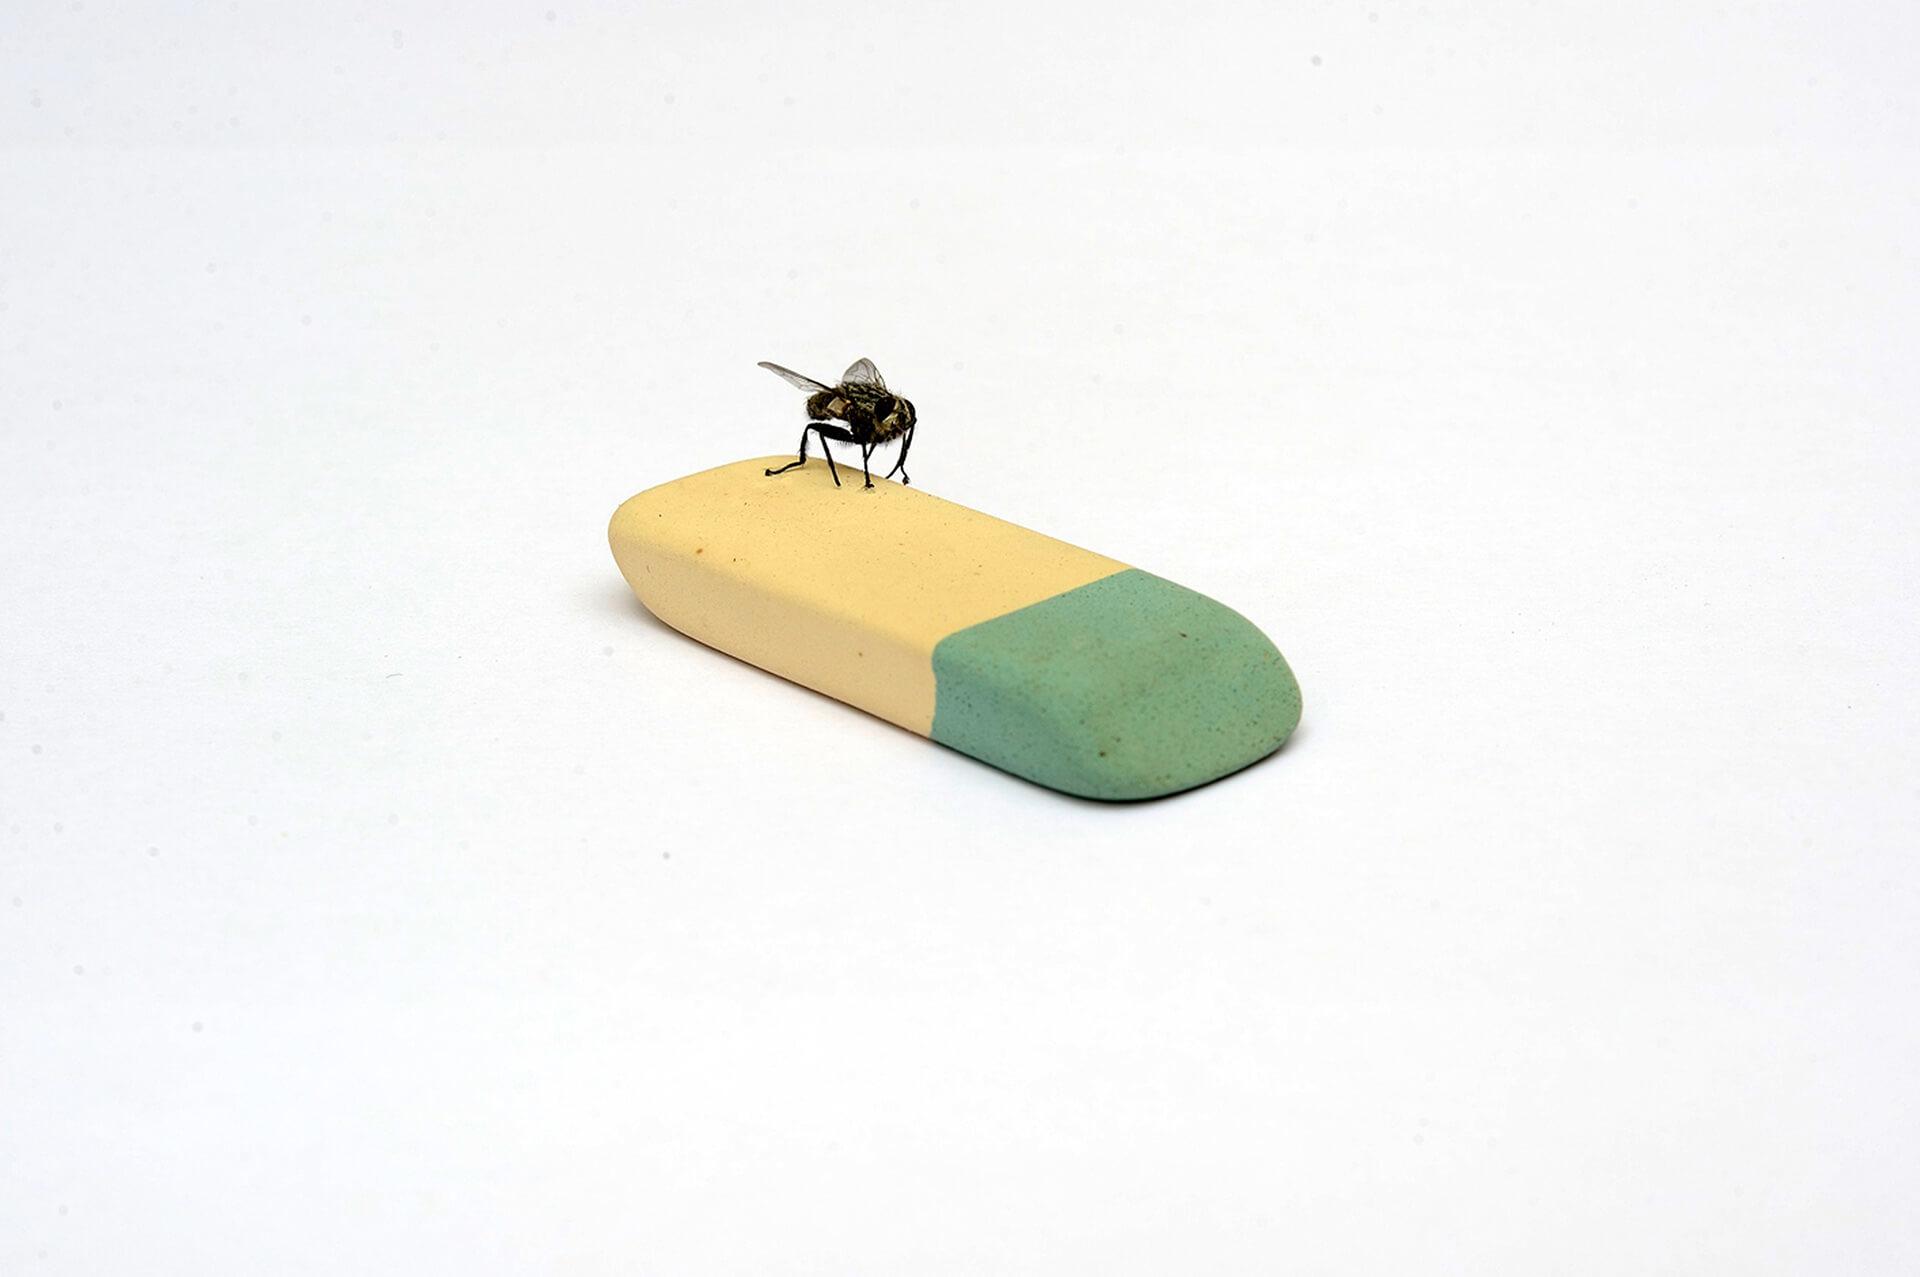 """Mustapha Akrim, """"On Rubber"""", dessin d'une mouche sur une gomme, arts contemporains au Maroc"""